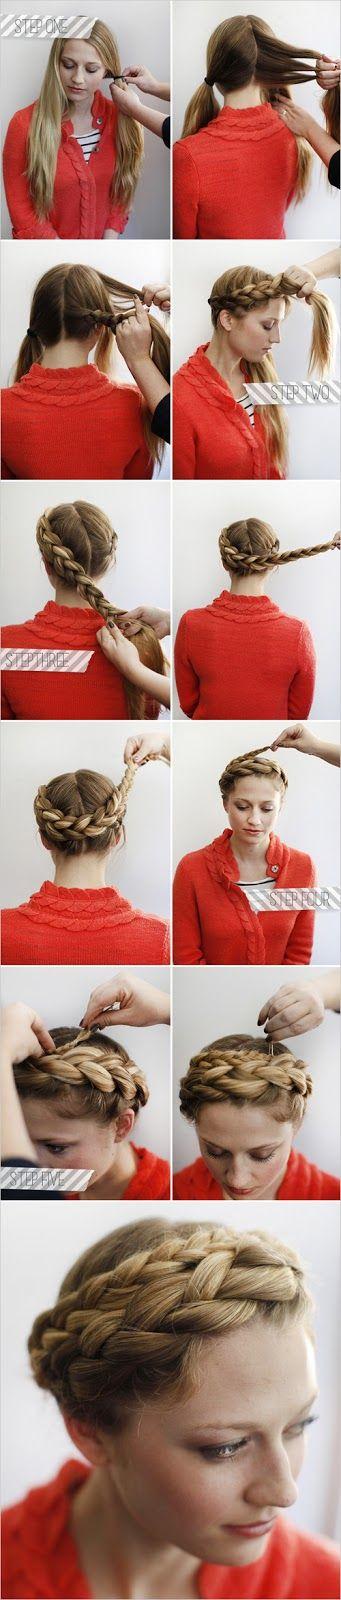 Hair and Food | Piękne włosy i zdrowe żywienie: Fryzury na sylwestra 2013 i nie tylko - łatwe tutoriale krok po kroku